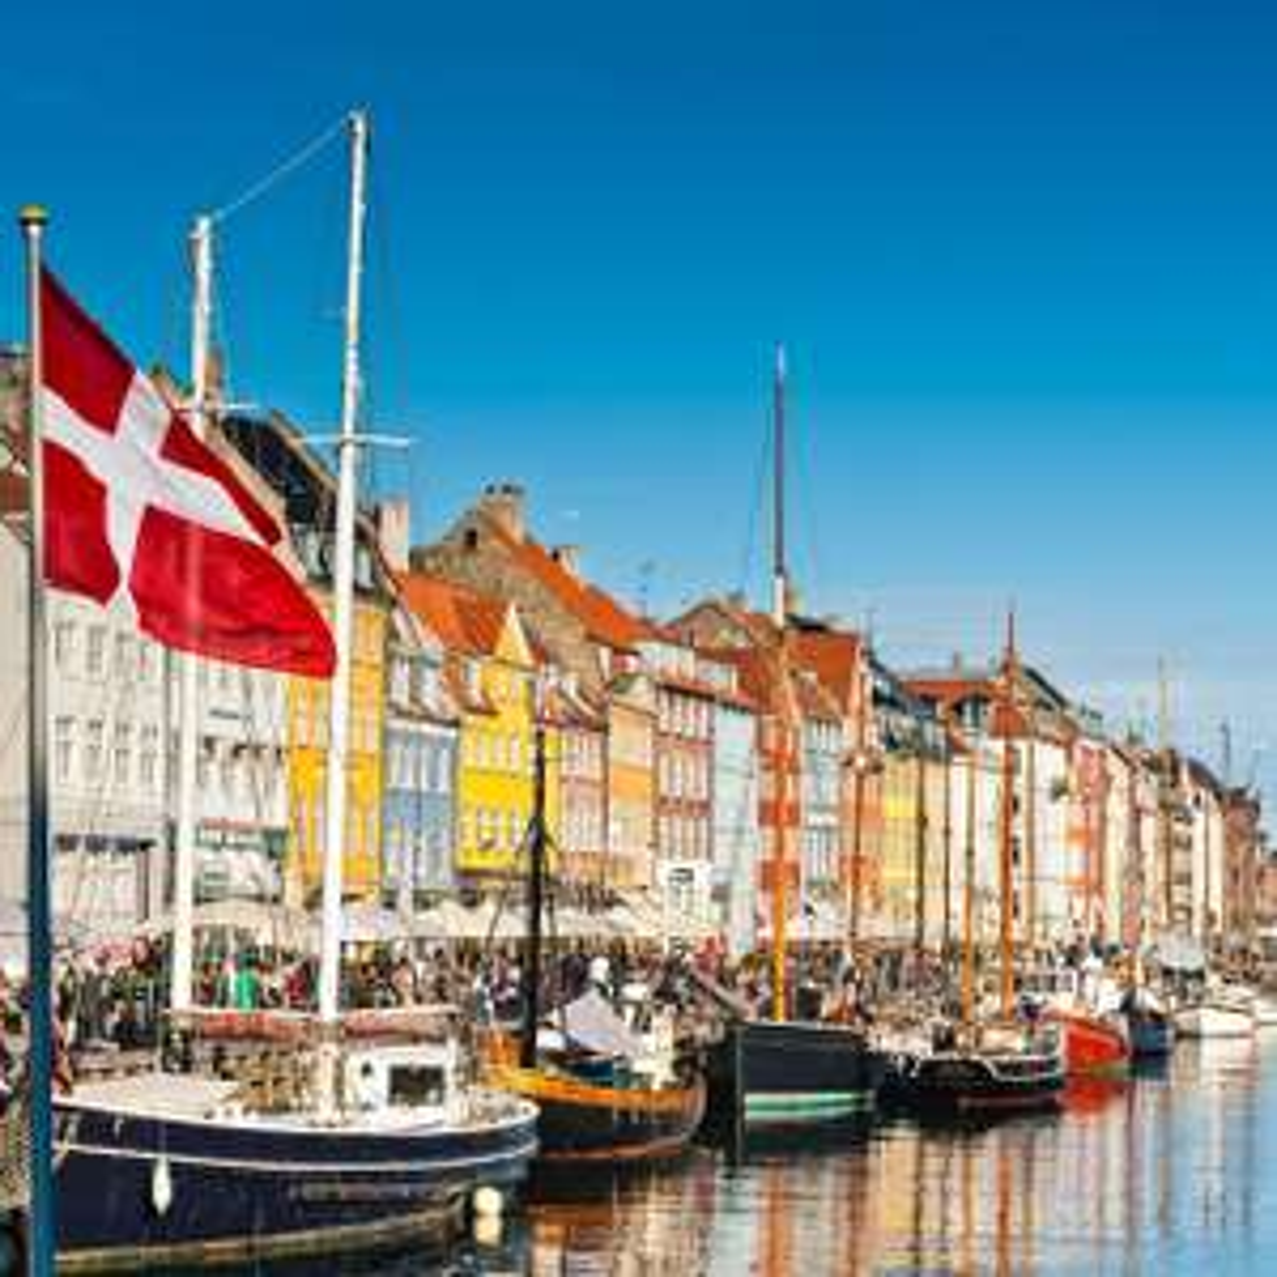 Flüge nach Dänemark (Kopenhagen) hin und zurück von Düsseldorf, Köln und Nürnberg (März - April) ab 2,04€